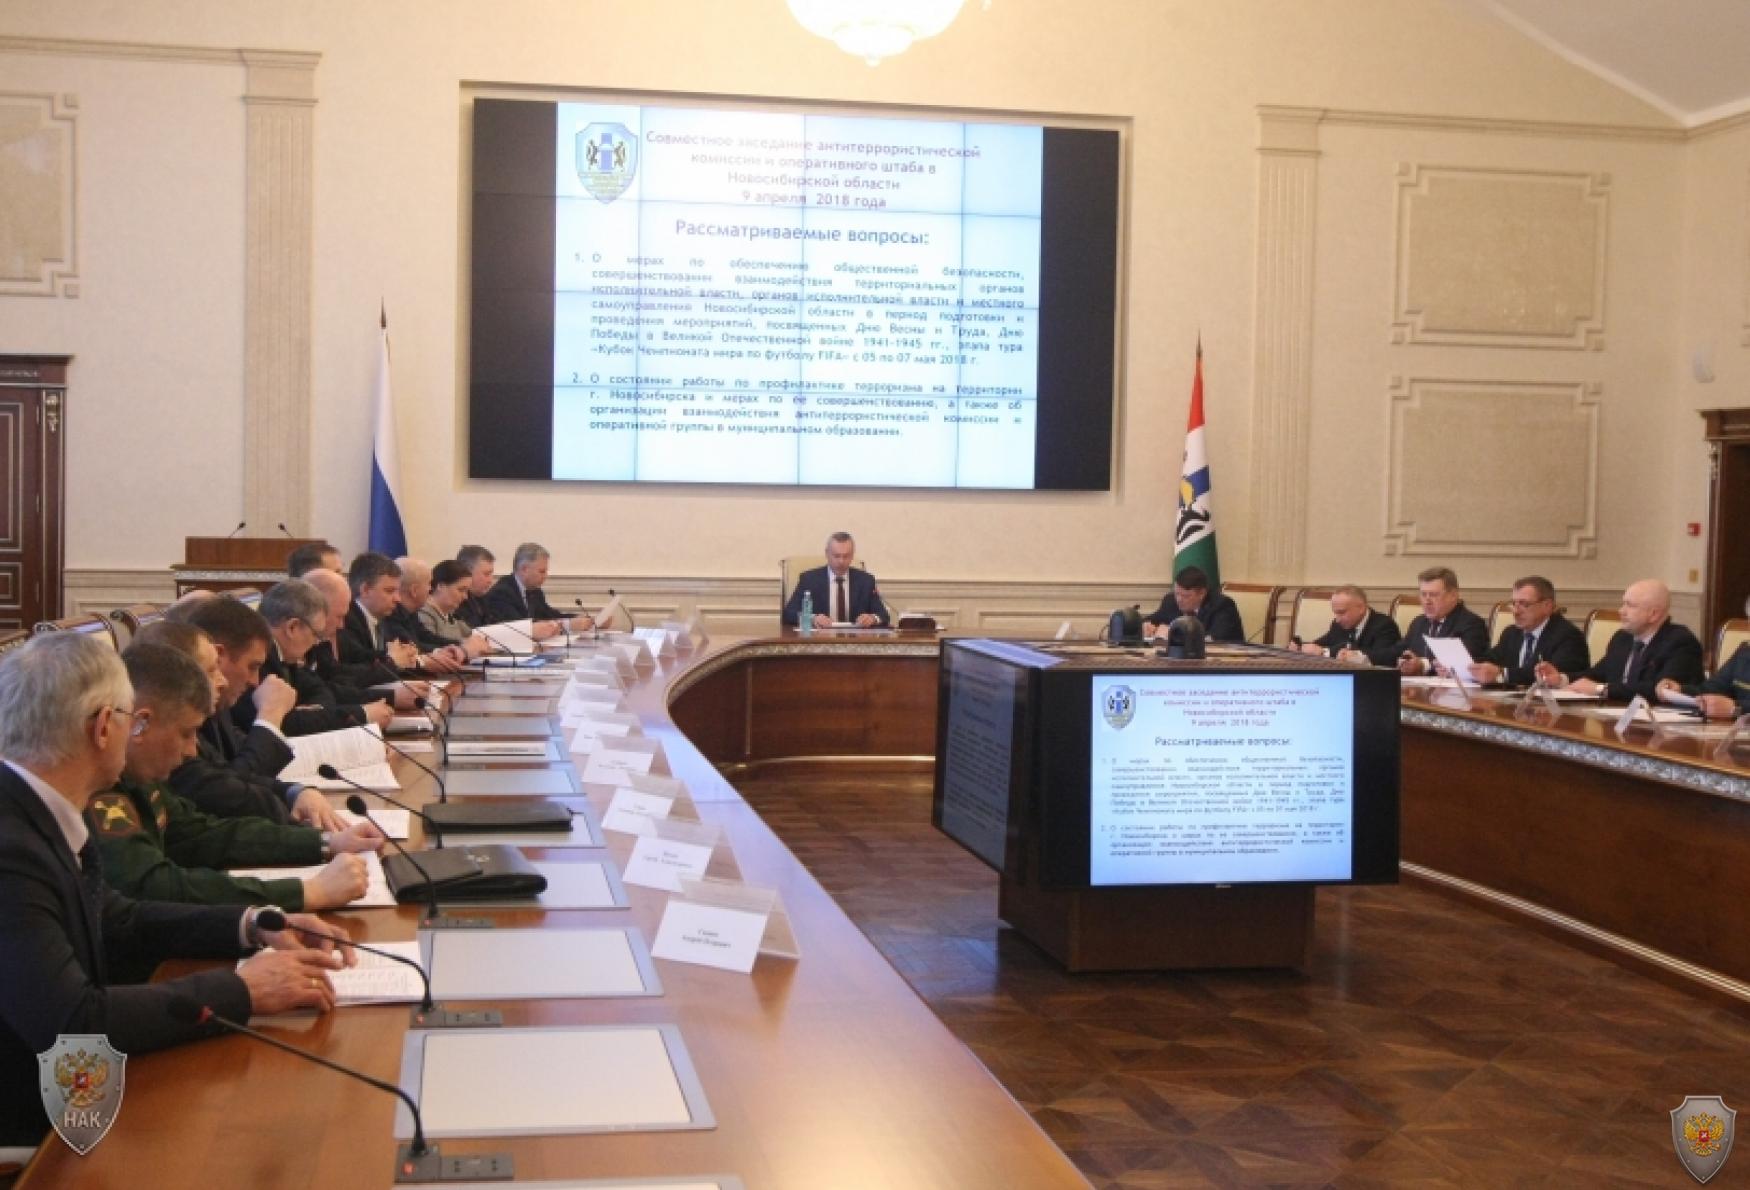 Совместное заседание антитеррористической комиссии и оперативного штаба в Новосибирской области.